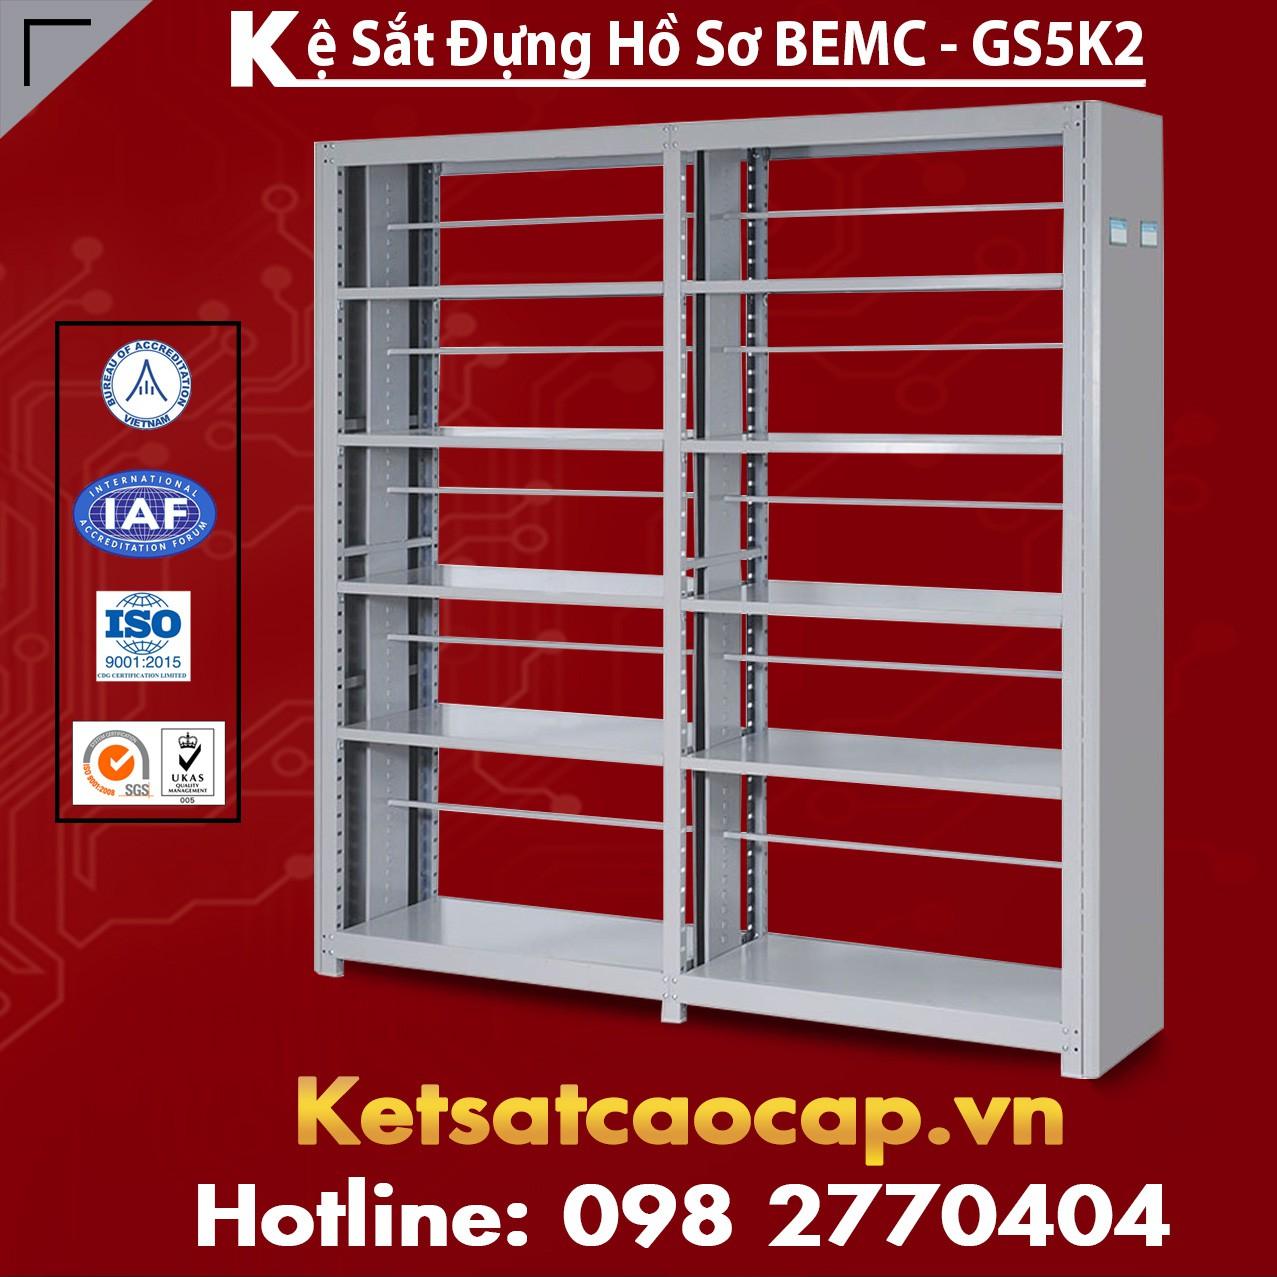 Kệ Sắt BEMC-GS5K2